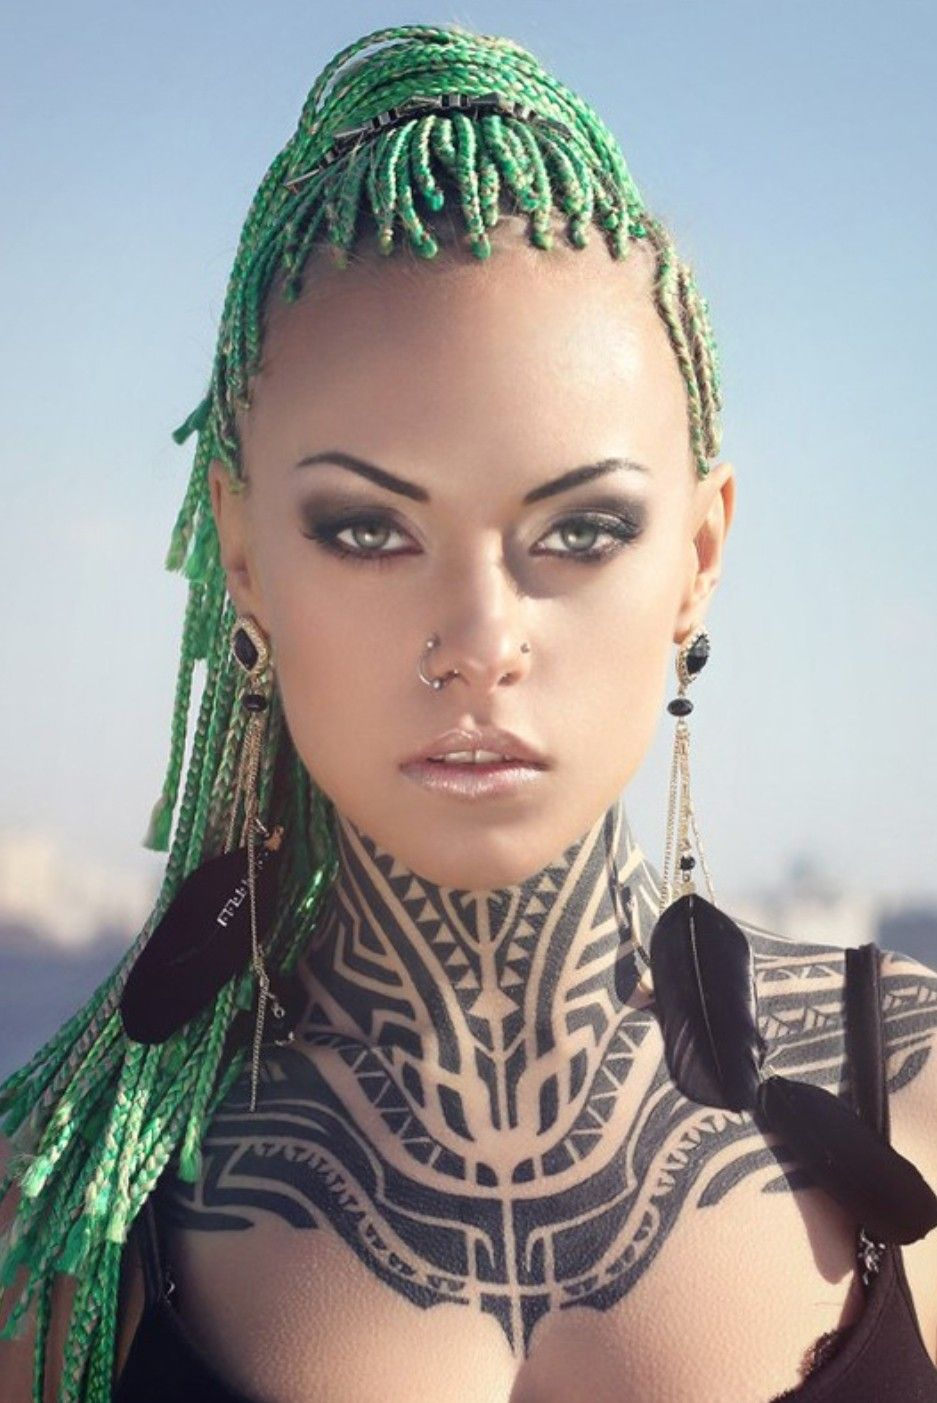 Sexy aztec girl